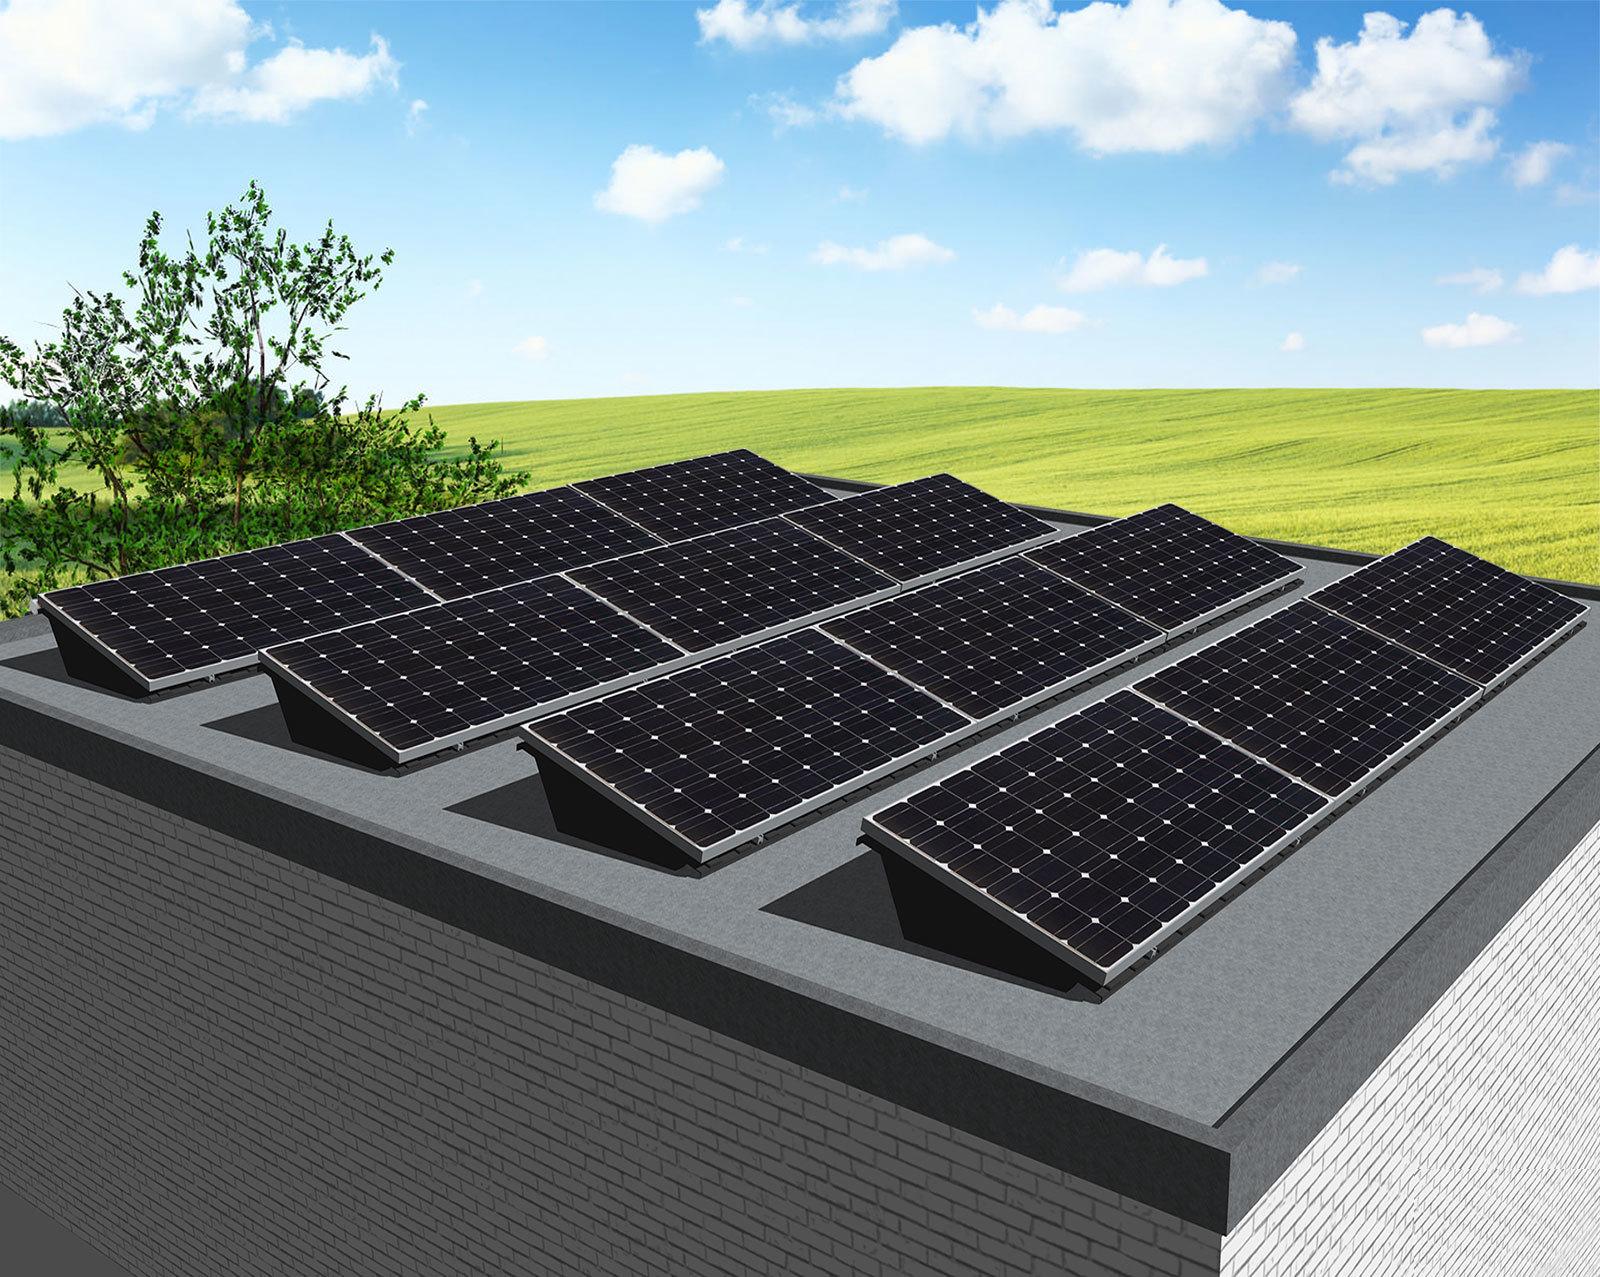 myCleantechSolarPower™ Solaranalage Flachdach oder Carport mit 12 Pannels - Musterbild